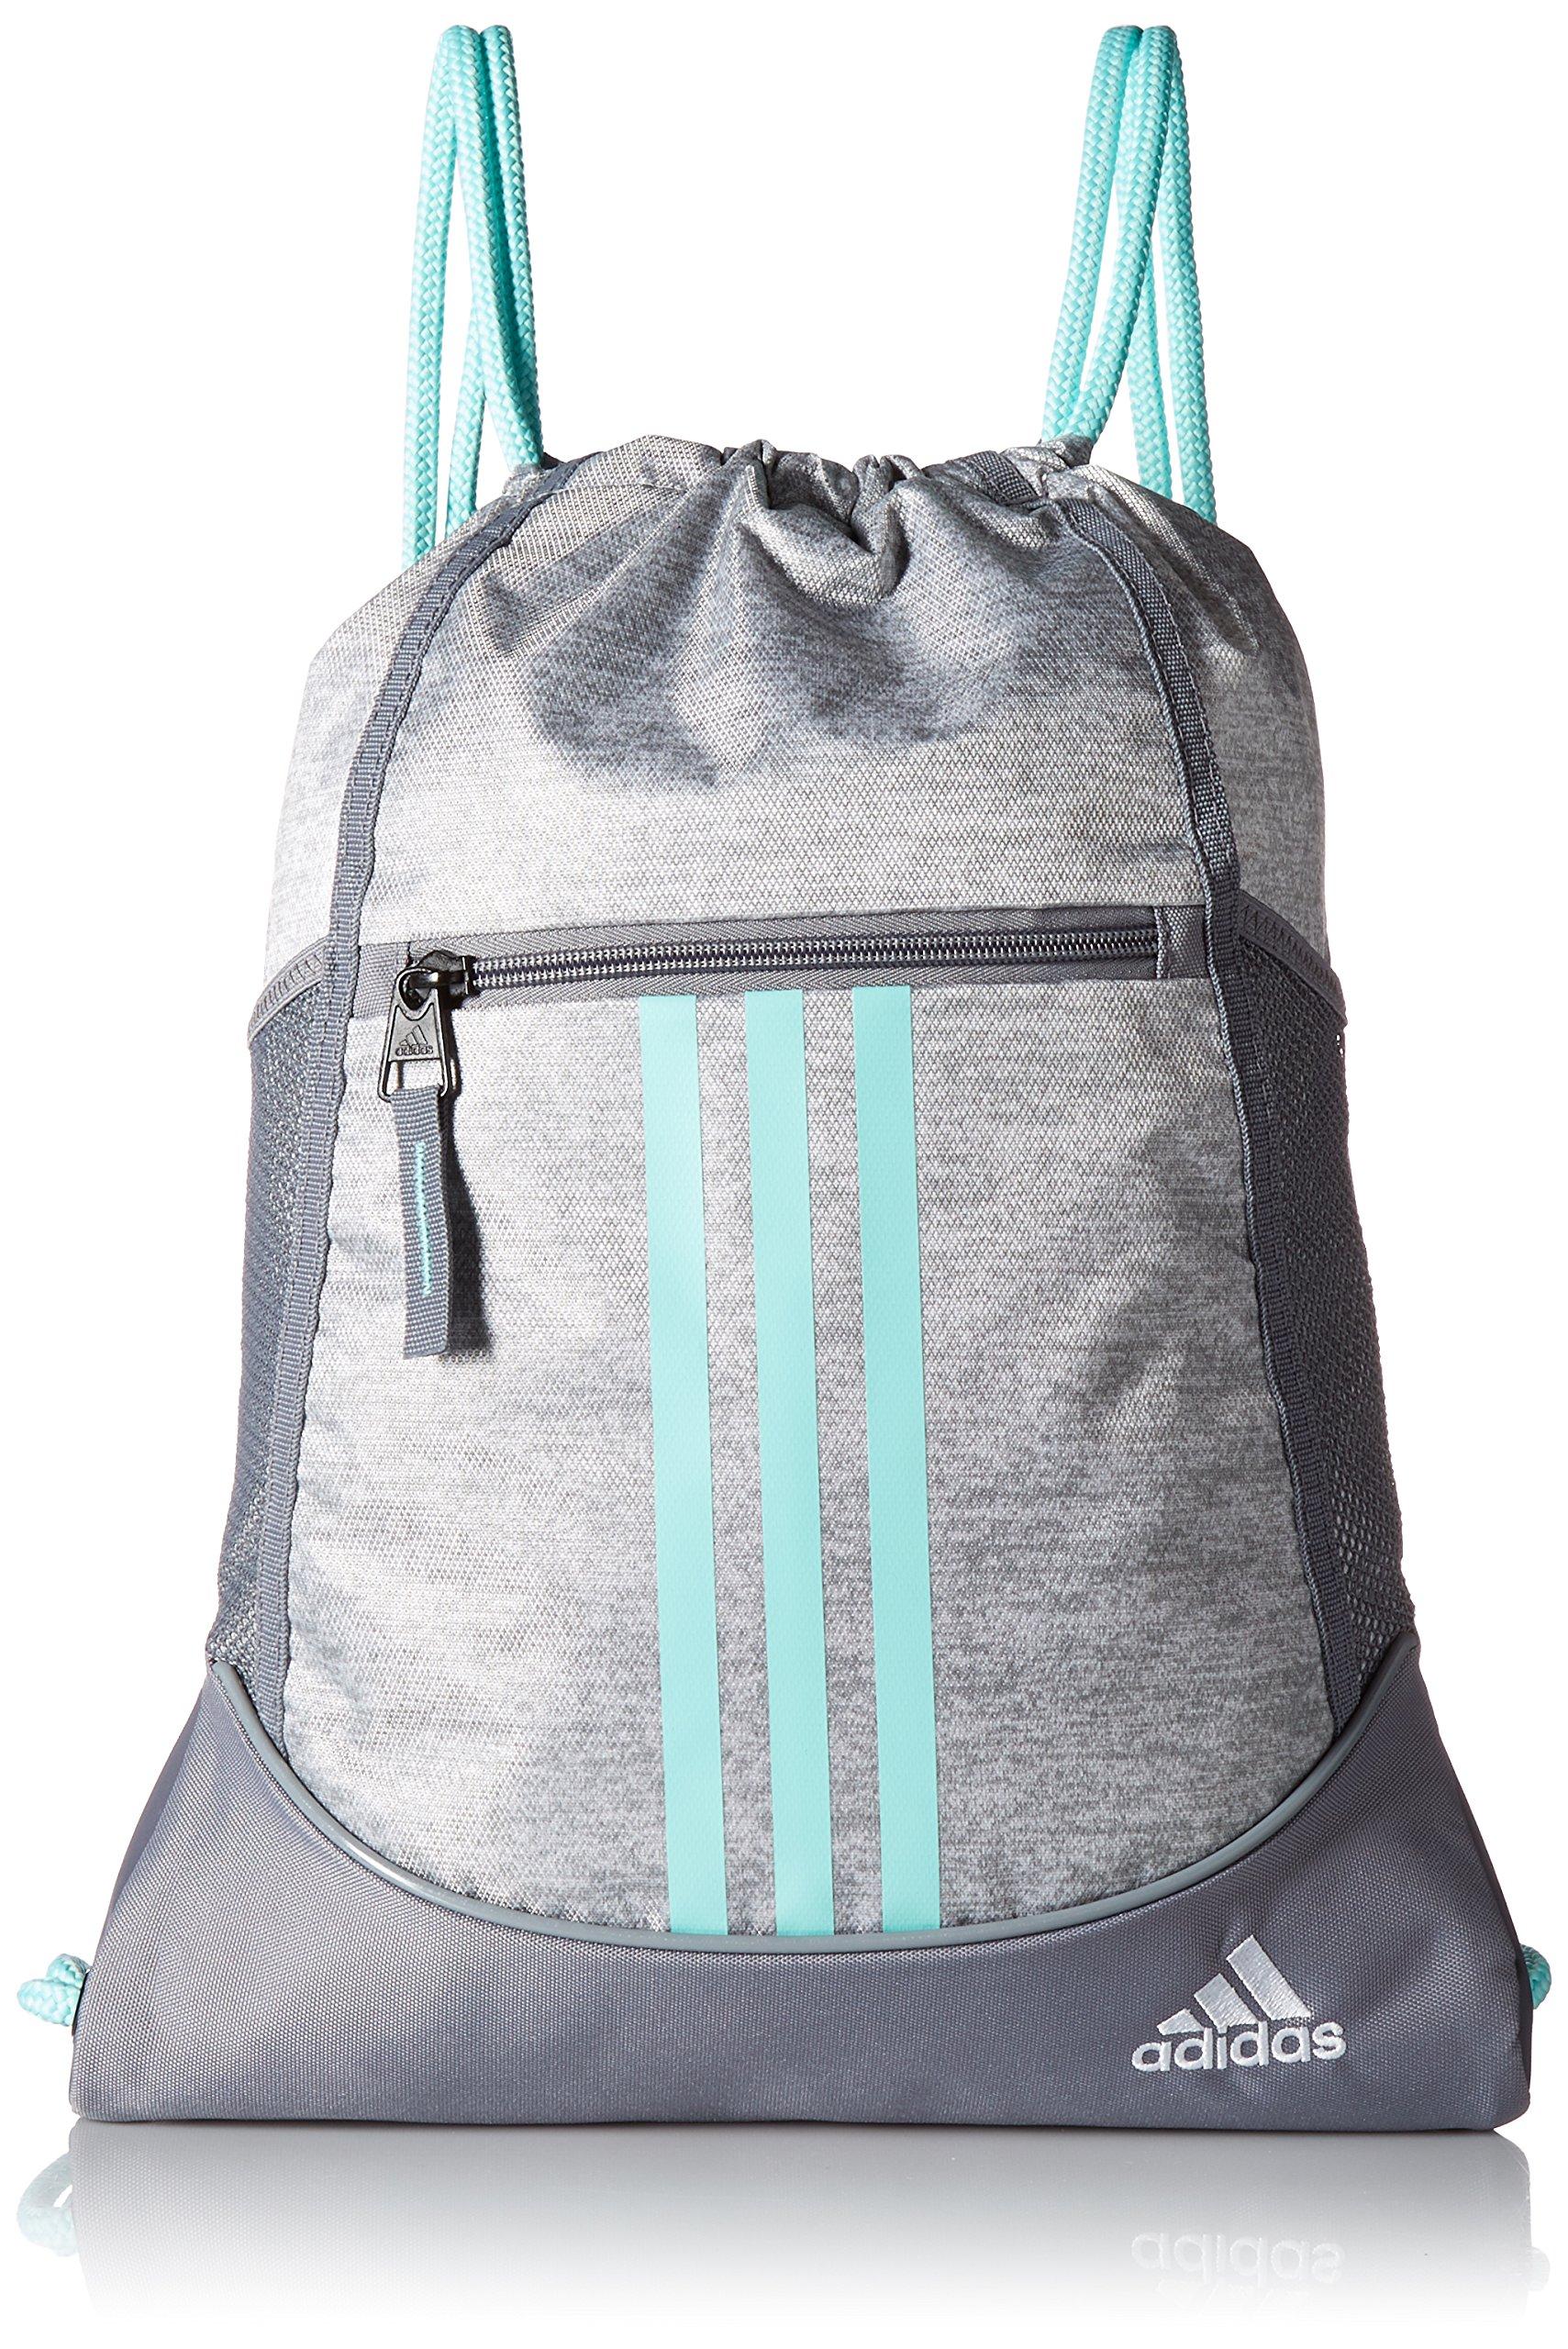 adidas Alliance II Sack Pack, One Size, Stone Jersey/Energy Aqua/Grey/White